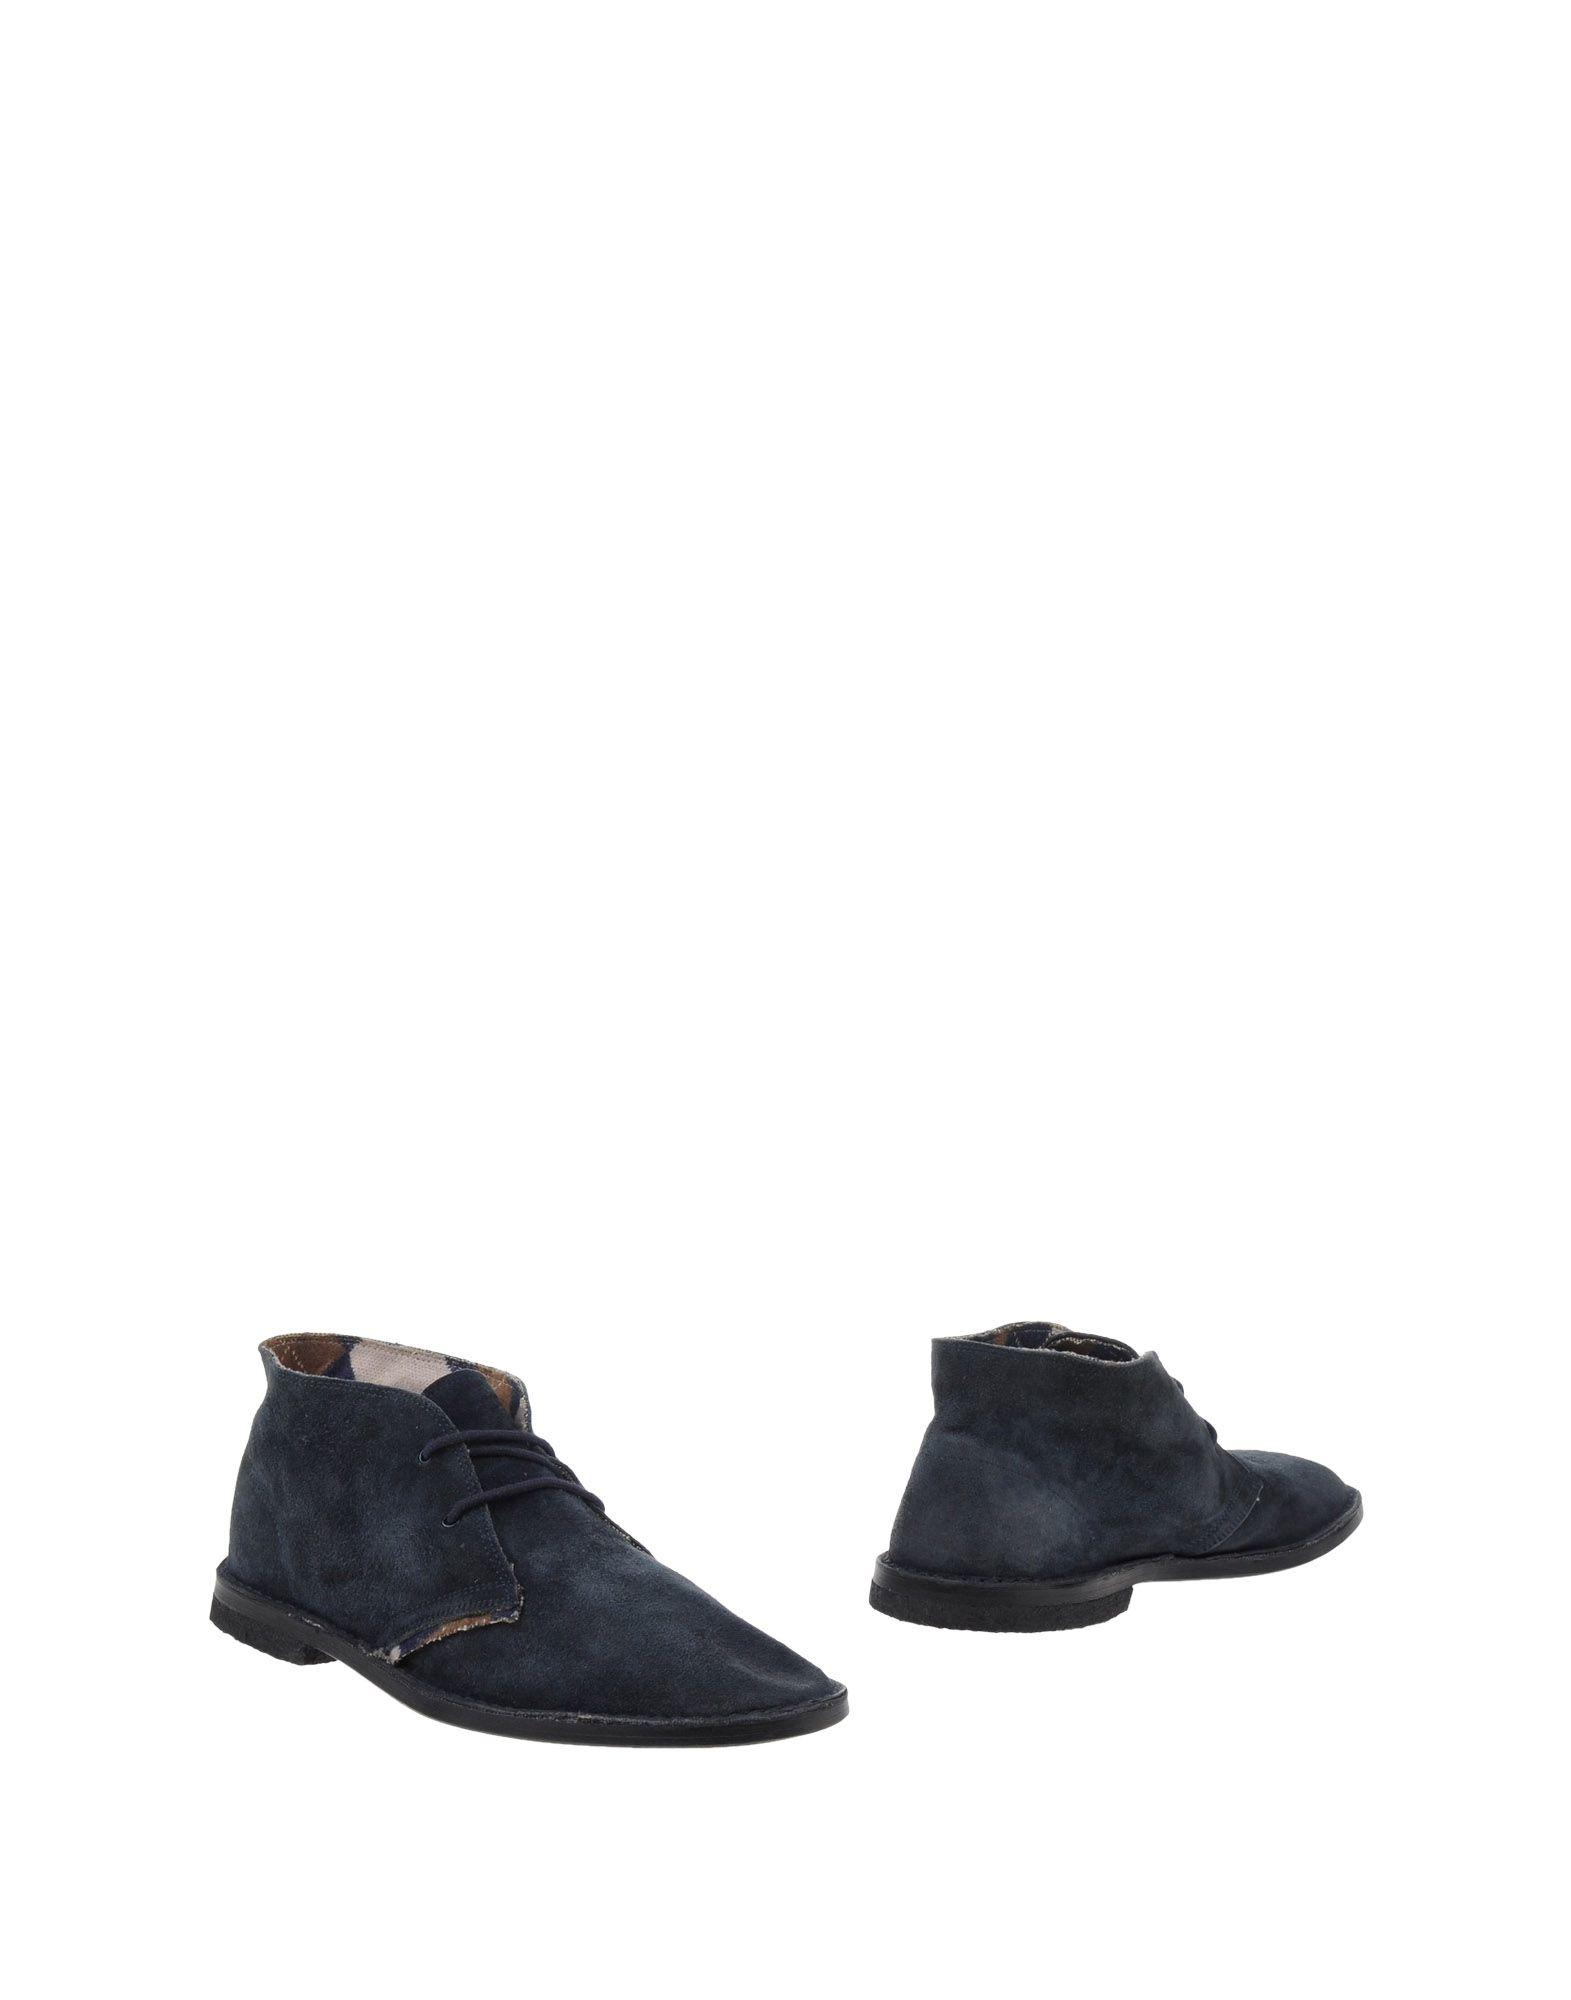 Rabatt echte Schuhe Le Crown Stiefelette Herren  11029631GM